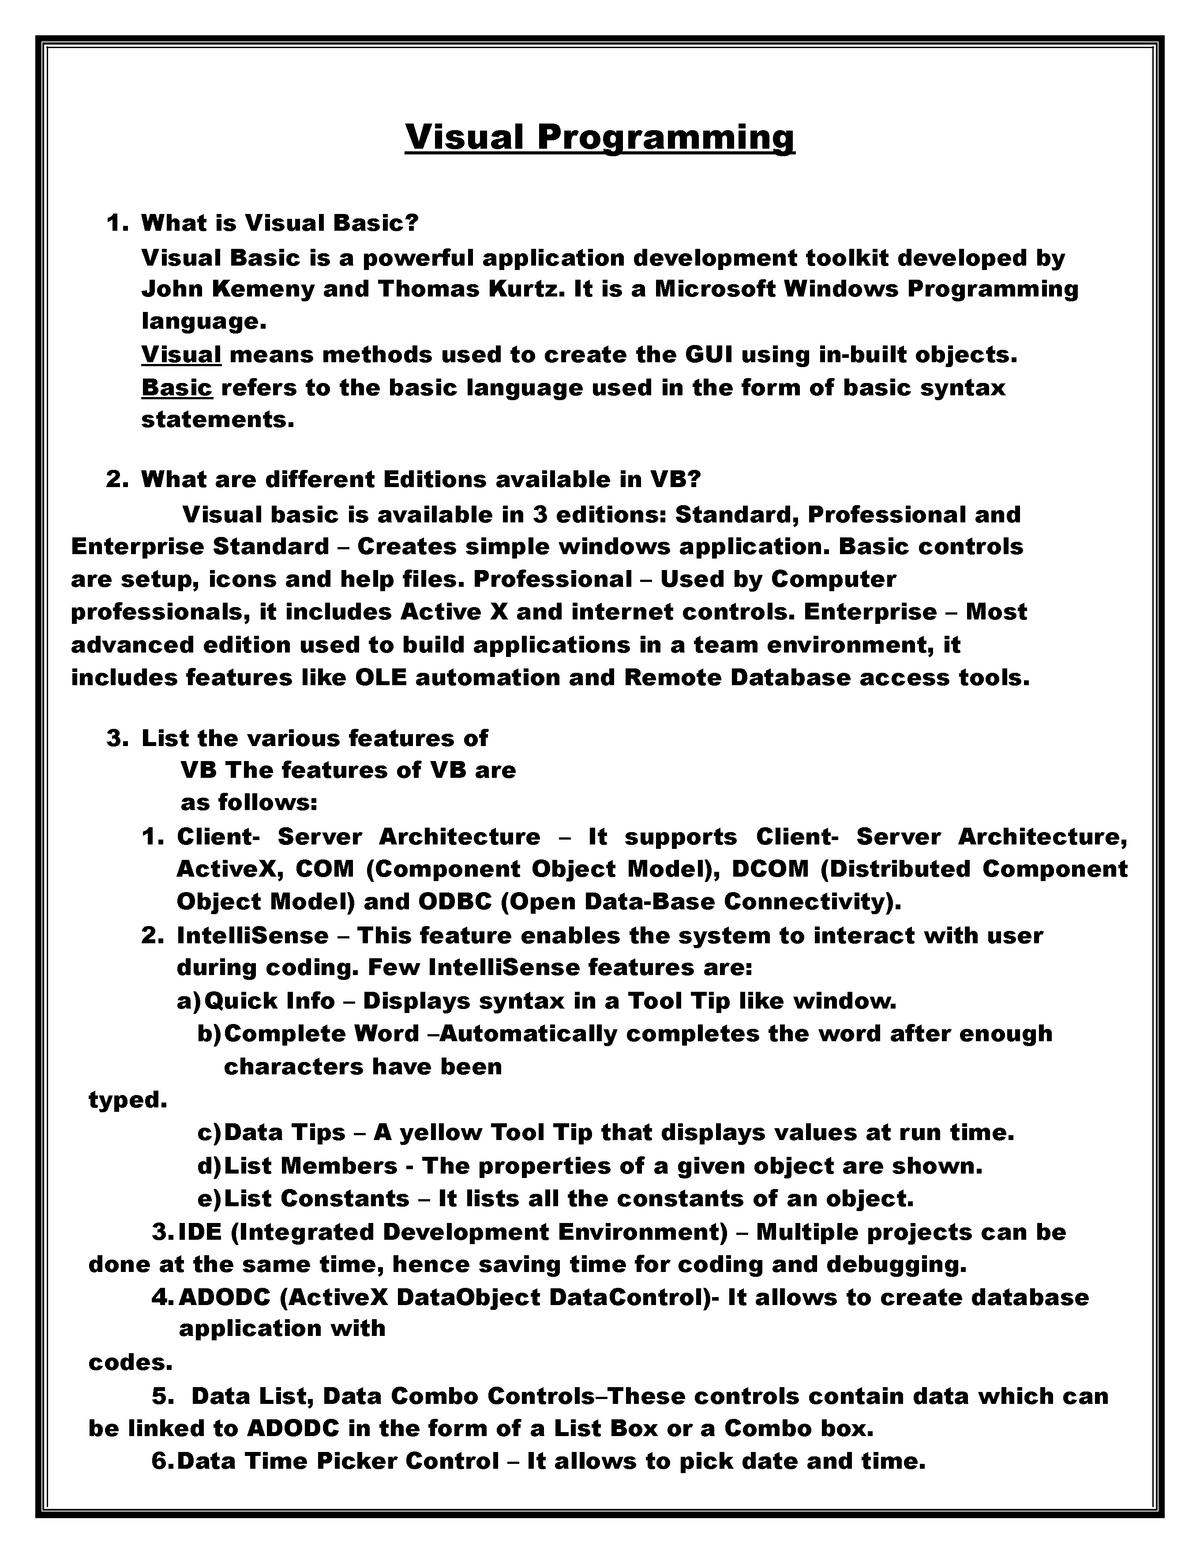 VB-Part-1impQ&A - Visual Programming BCA405 - StuDocu